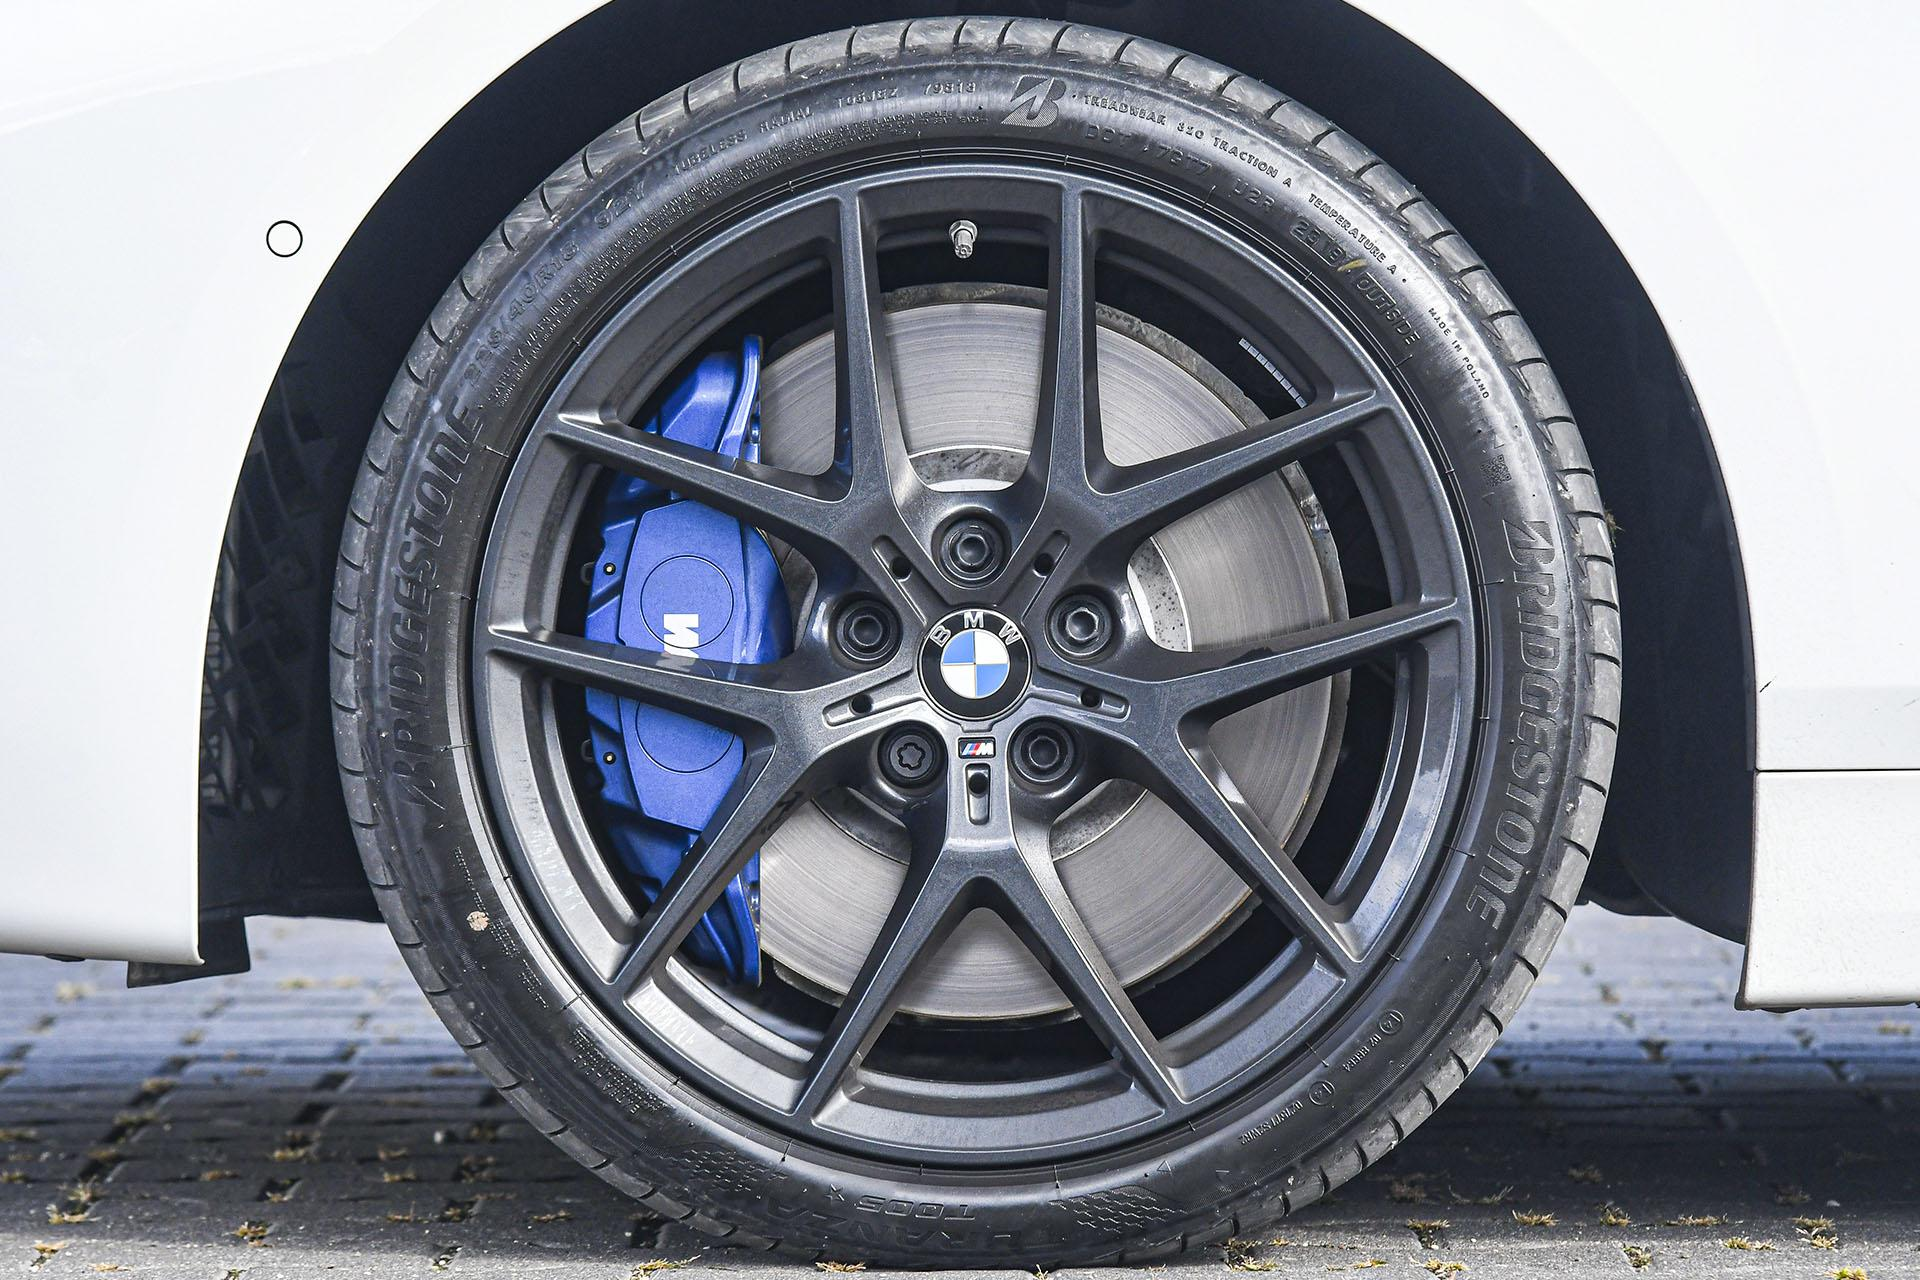 BMW serii 1 - koło – PORÓWNANIE BMW 118i, Mazda 3 – opinie, spalanie, wymiary, dane techniczne